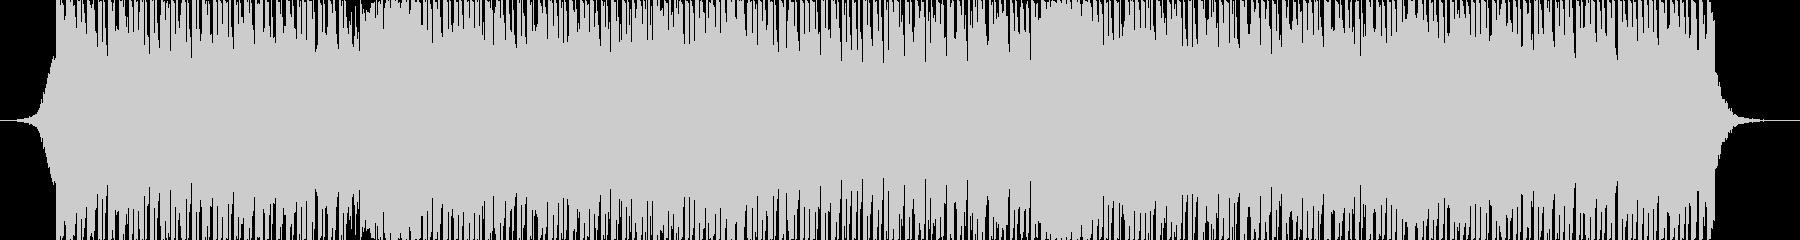 明るいアップテンポのシンセブラスロックの未再生の波形